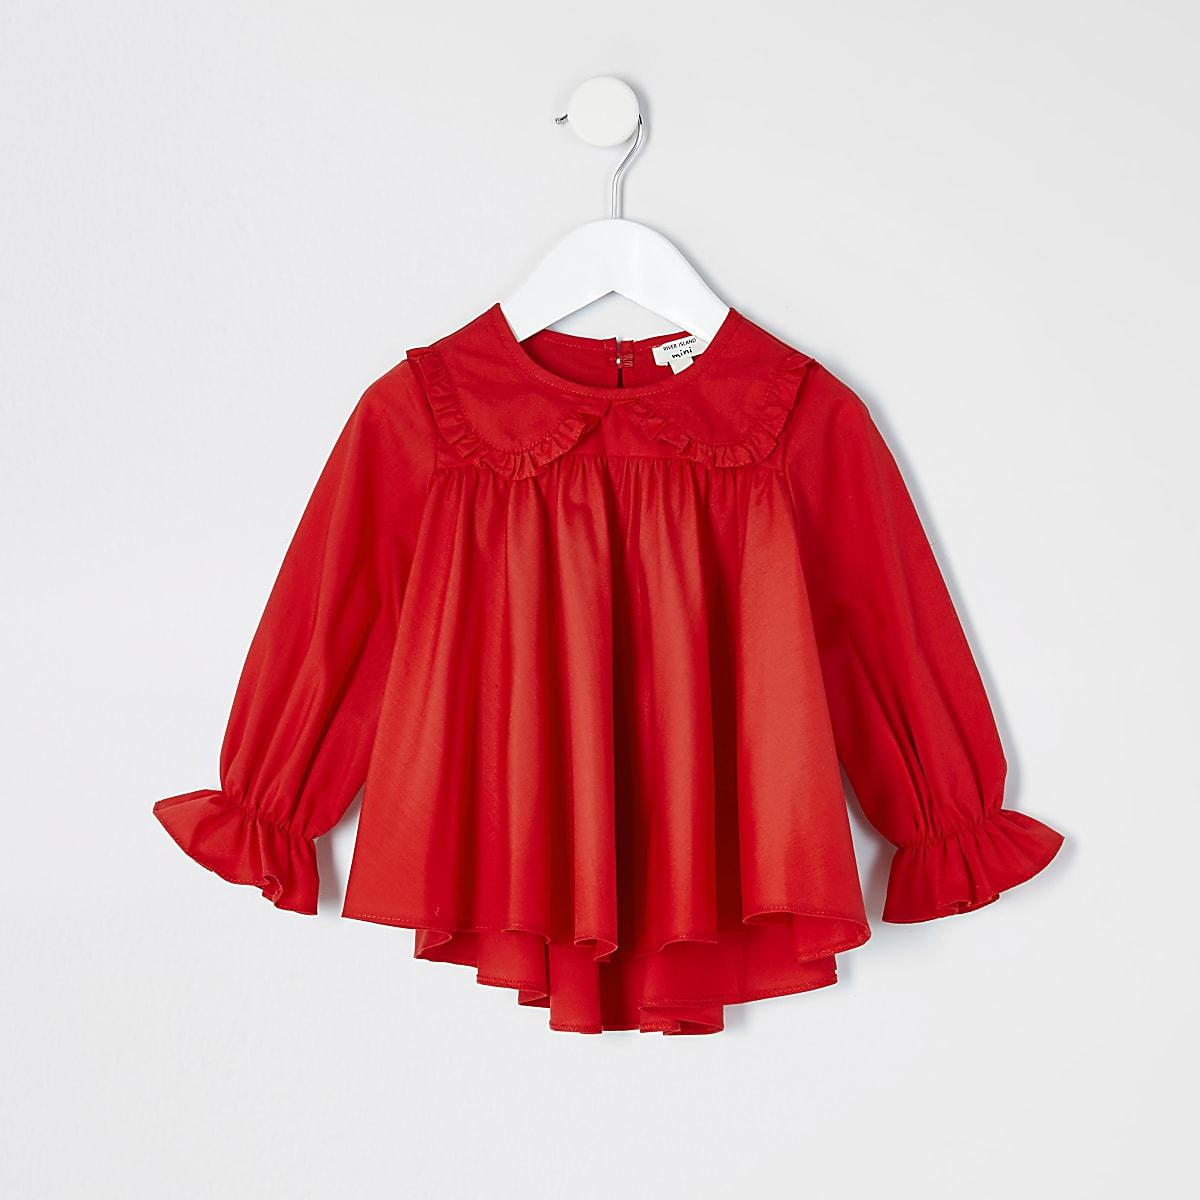 Mini - Rode poplin top met ruches aan de kraag voor meisjes